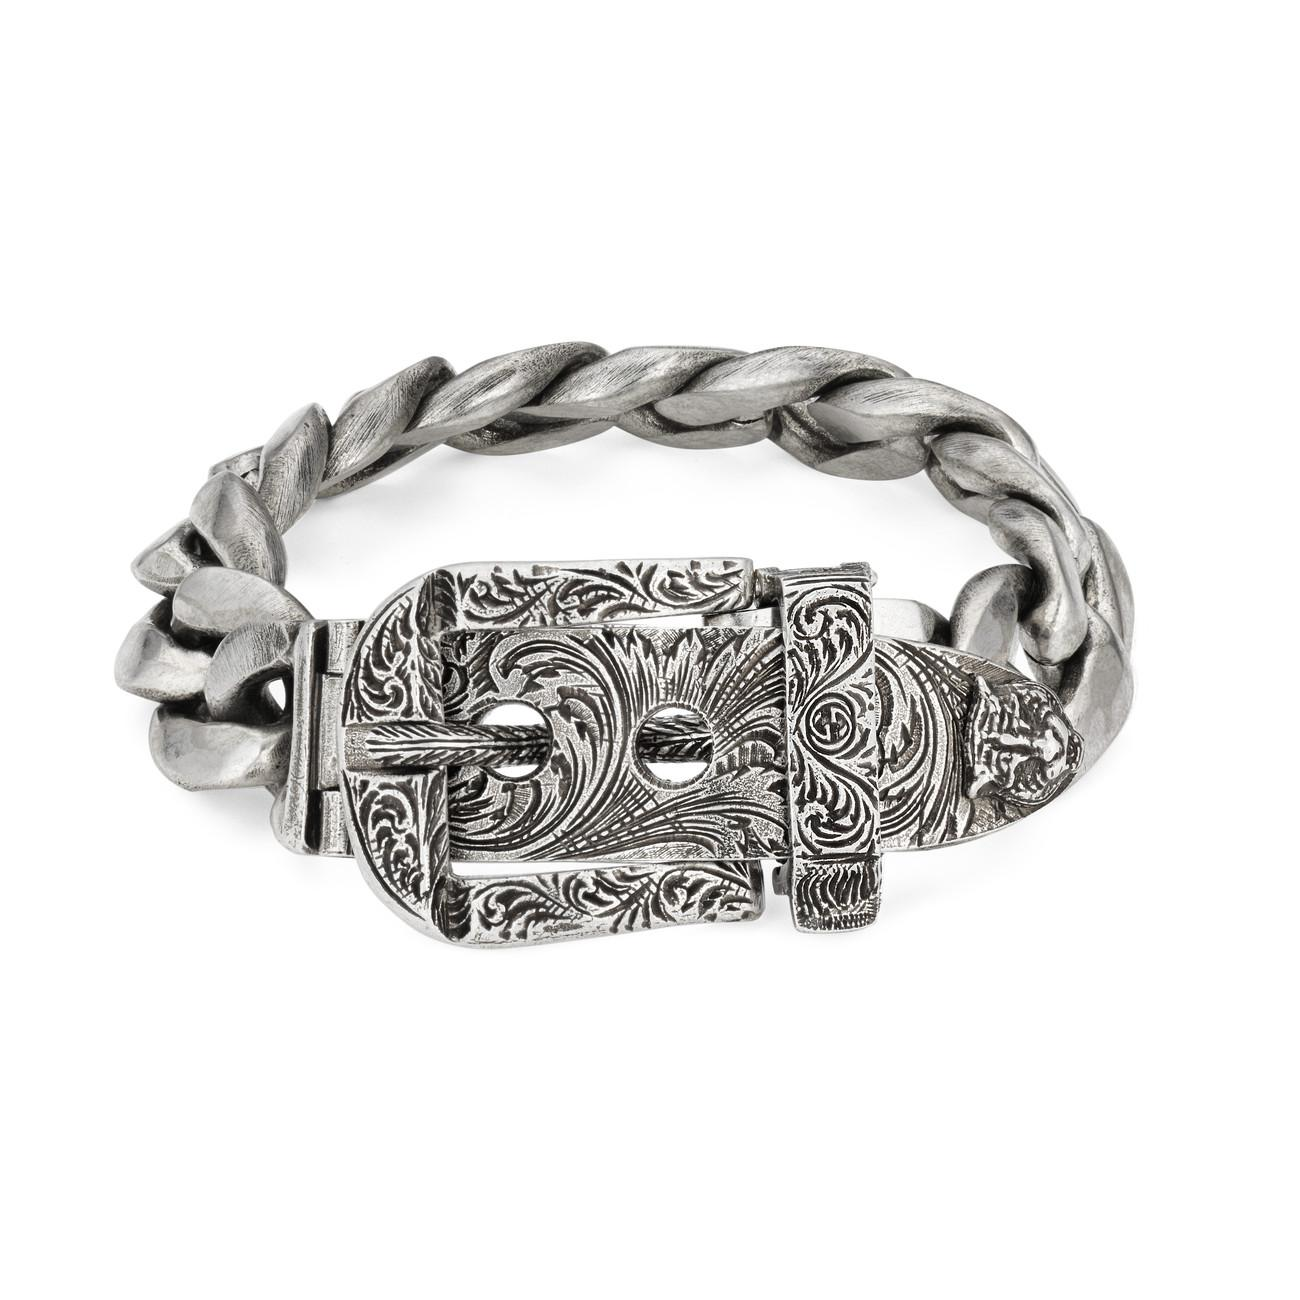 37f3bb33d Lyst - Gucci Garden Bracelet In Silver in Metallic for Men